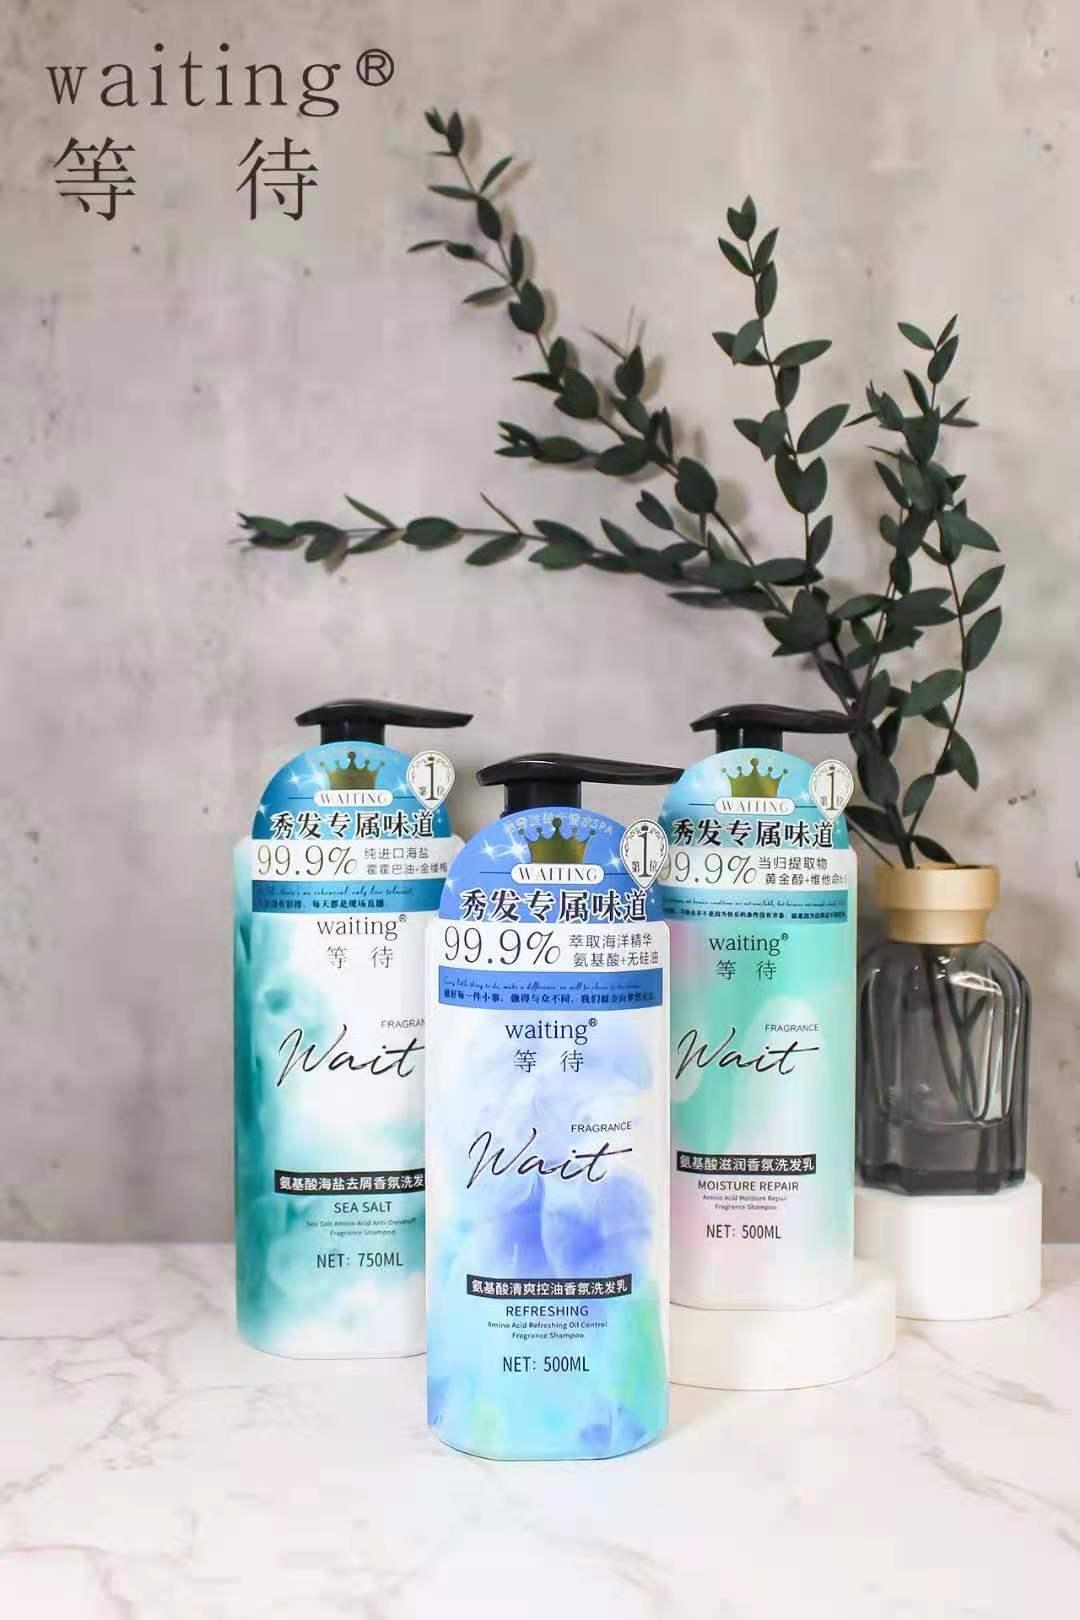 好物分享:Waiting等待氨基酸系列洗发水,满足你对发质的诉求